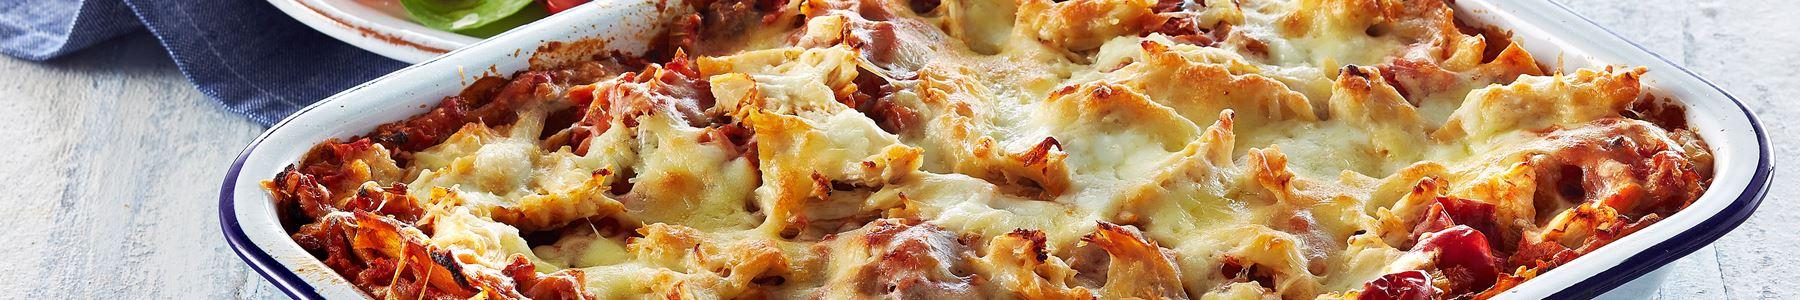 Chili + Mozzarella